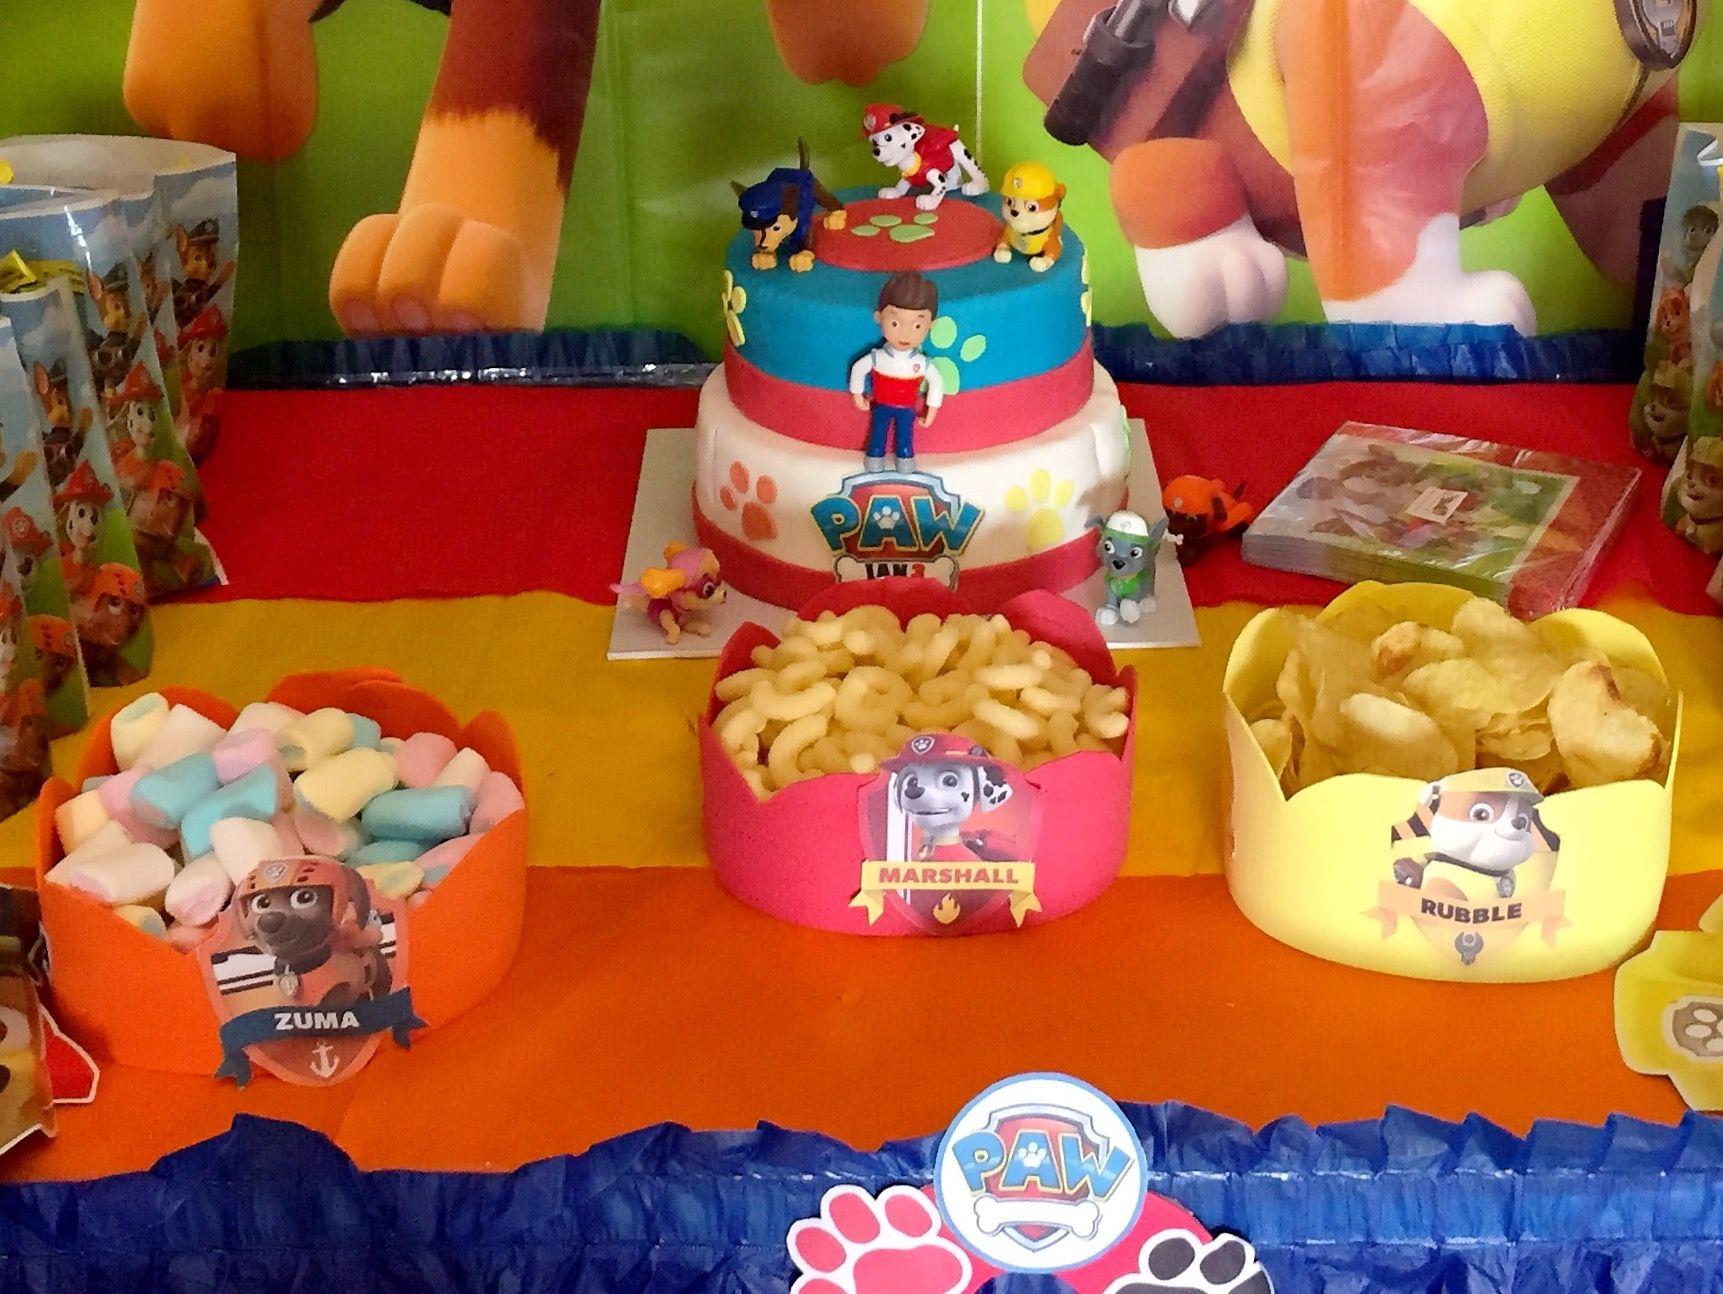 Patrulla canina decoraci n cumplea os infantil ideas paw - Decoracion de mesa de cumpleanos infantil ...